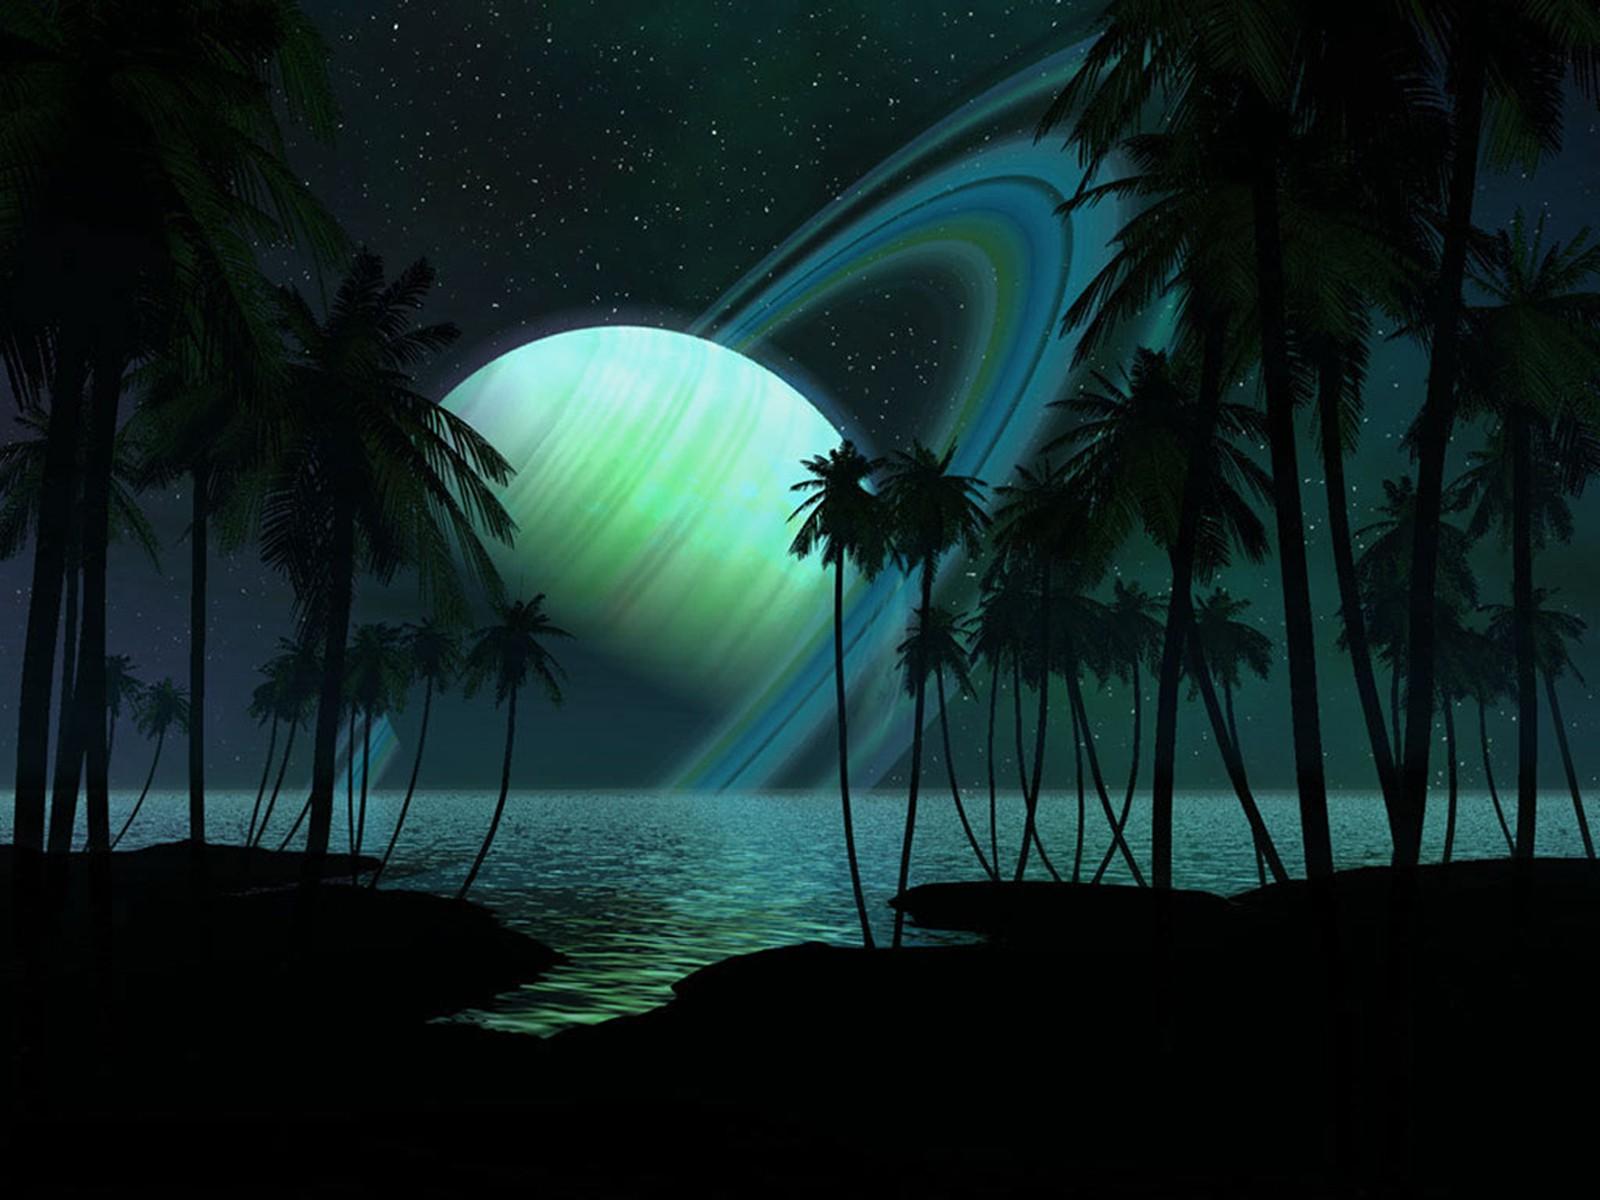 Desktop Wallpaper Night Sky